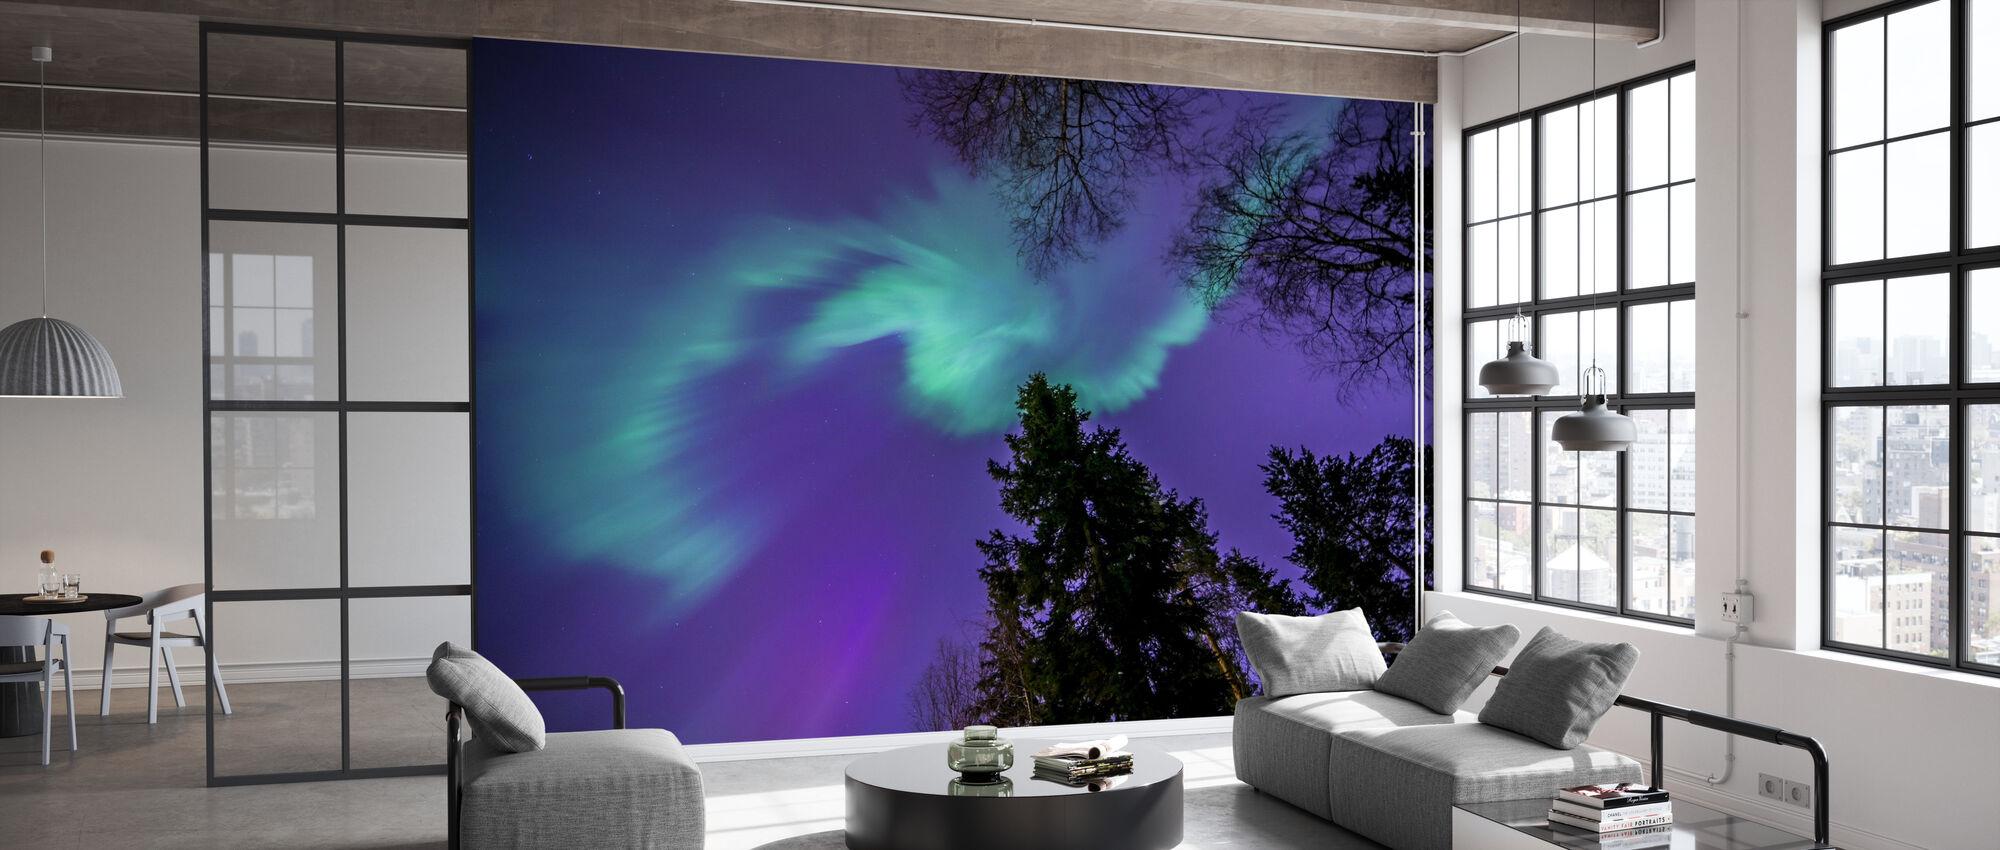 Northern Light - Violetti taivas - Tapetti - Toimisto